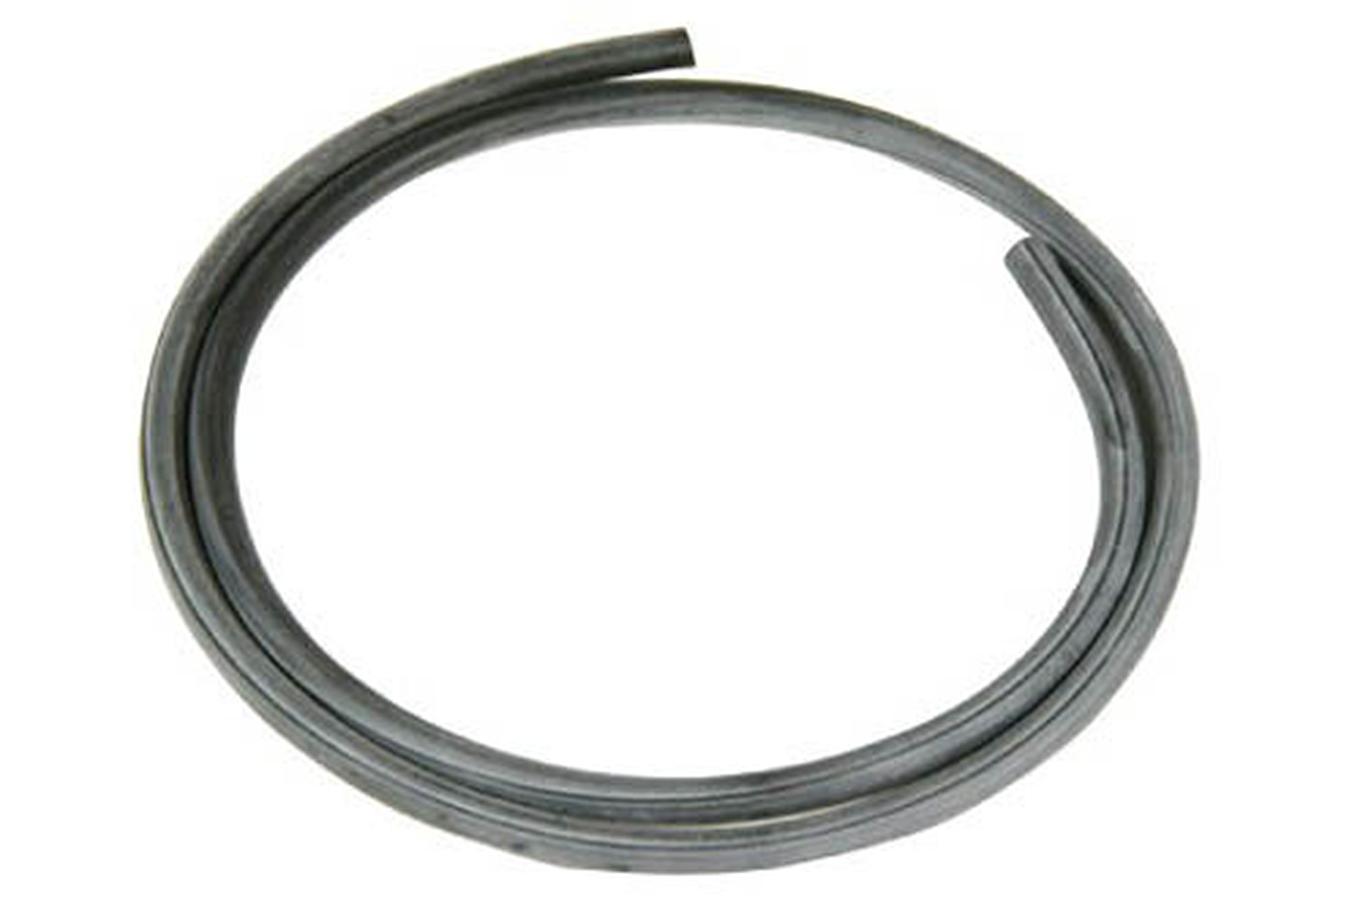 Accessoire autocuiseur seb 790138 0071609 darty for Darty autocuiseur seb